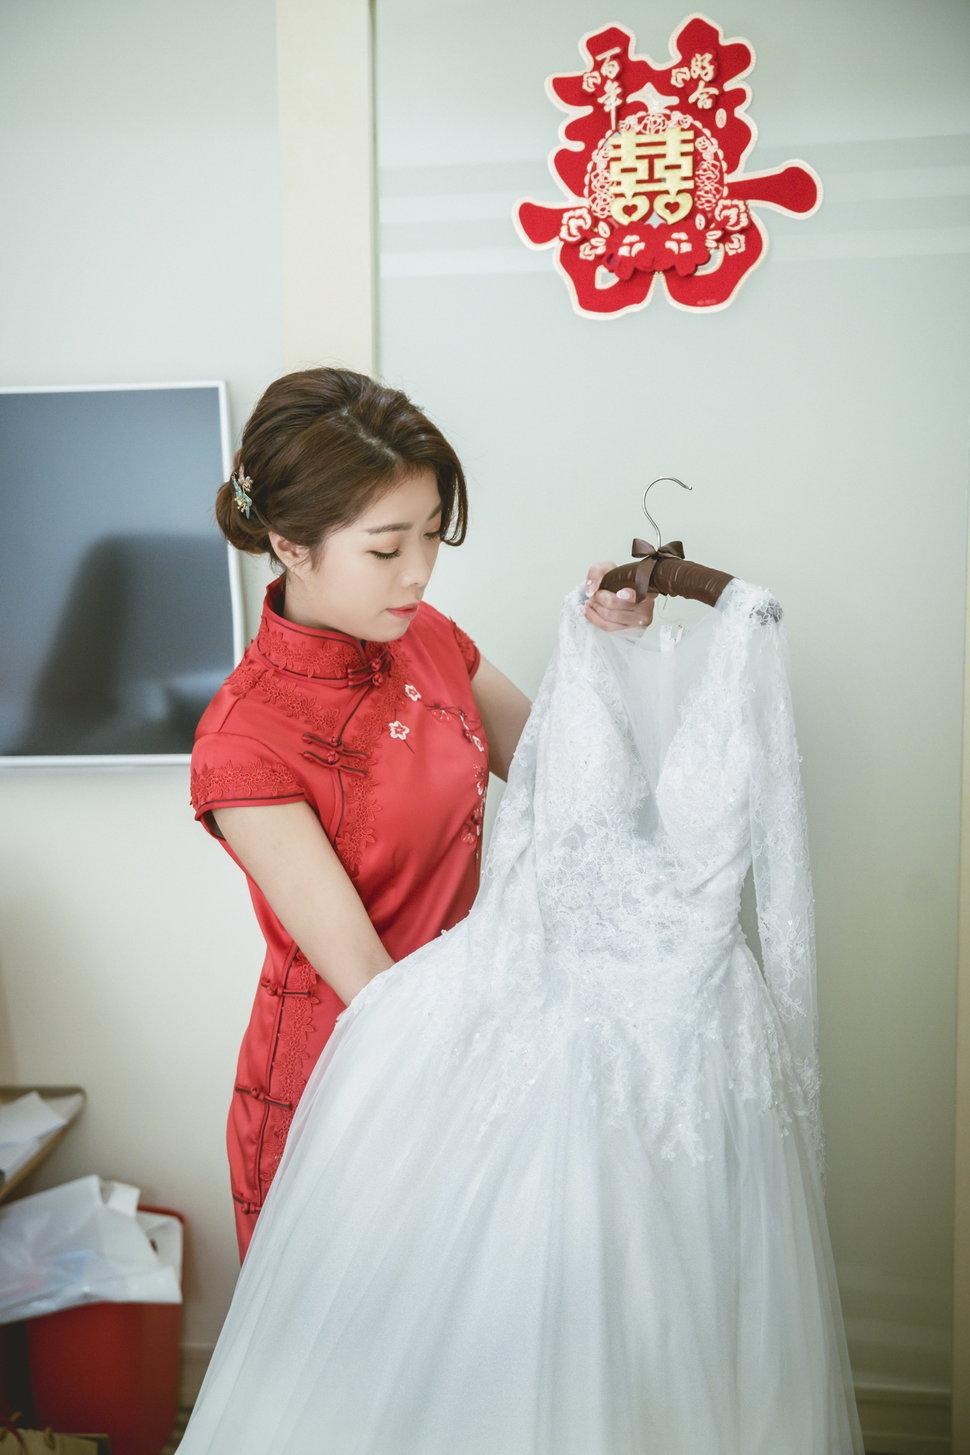 DSC_0024 - Daco  攝影工作室《結婚吧》